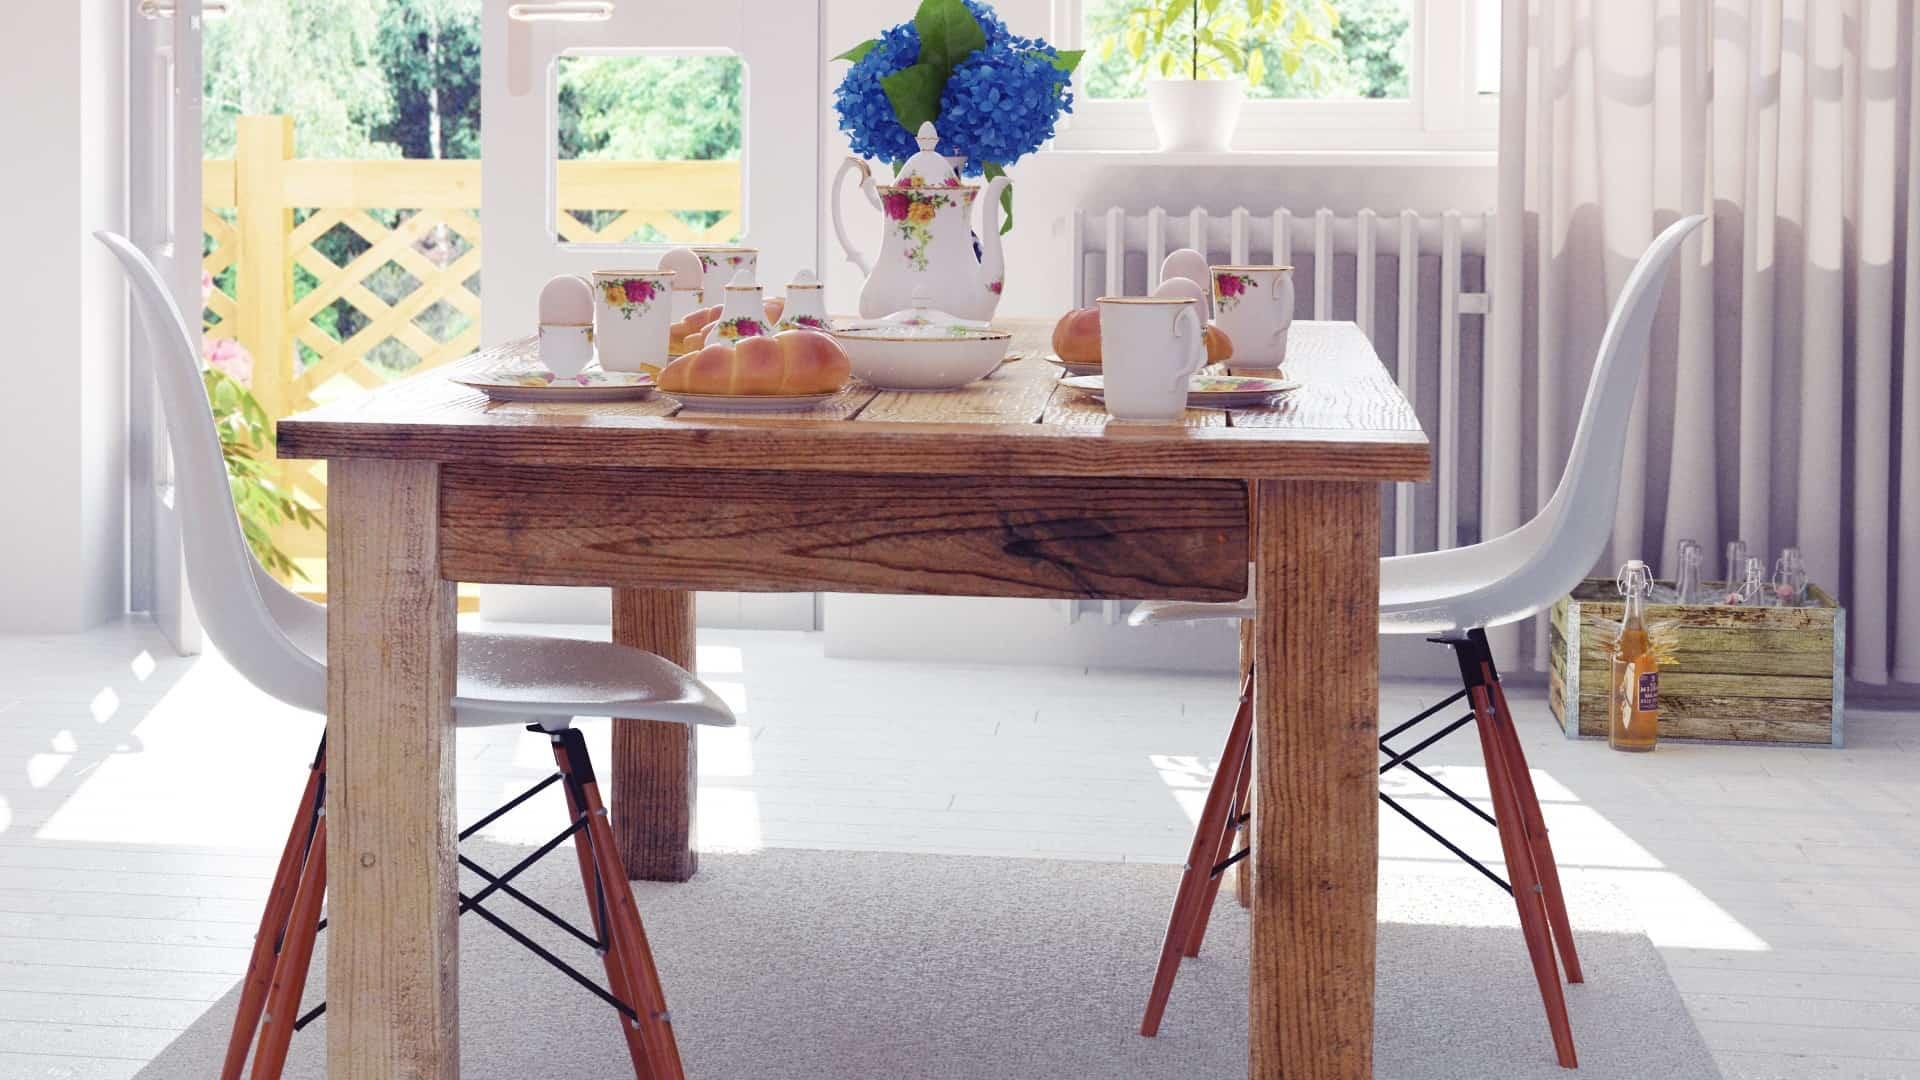 Mesa de jantar e cadeiras.